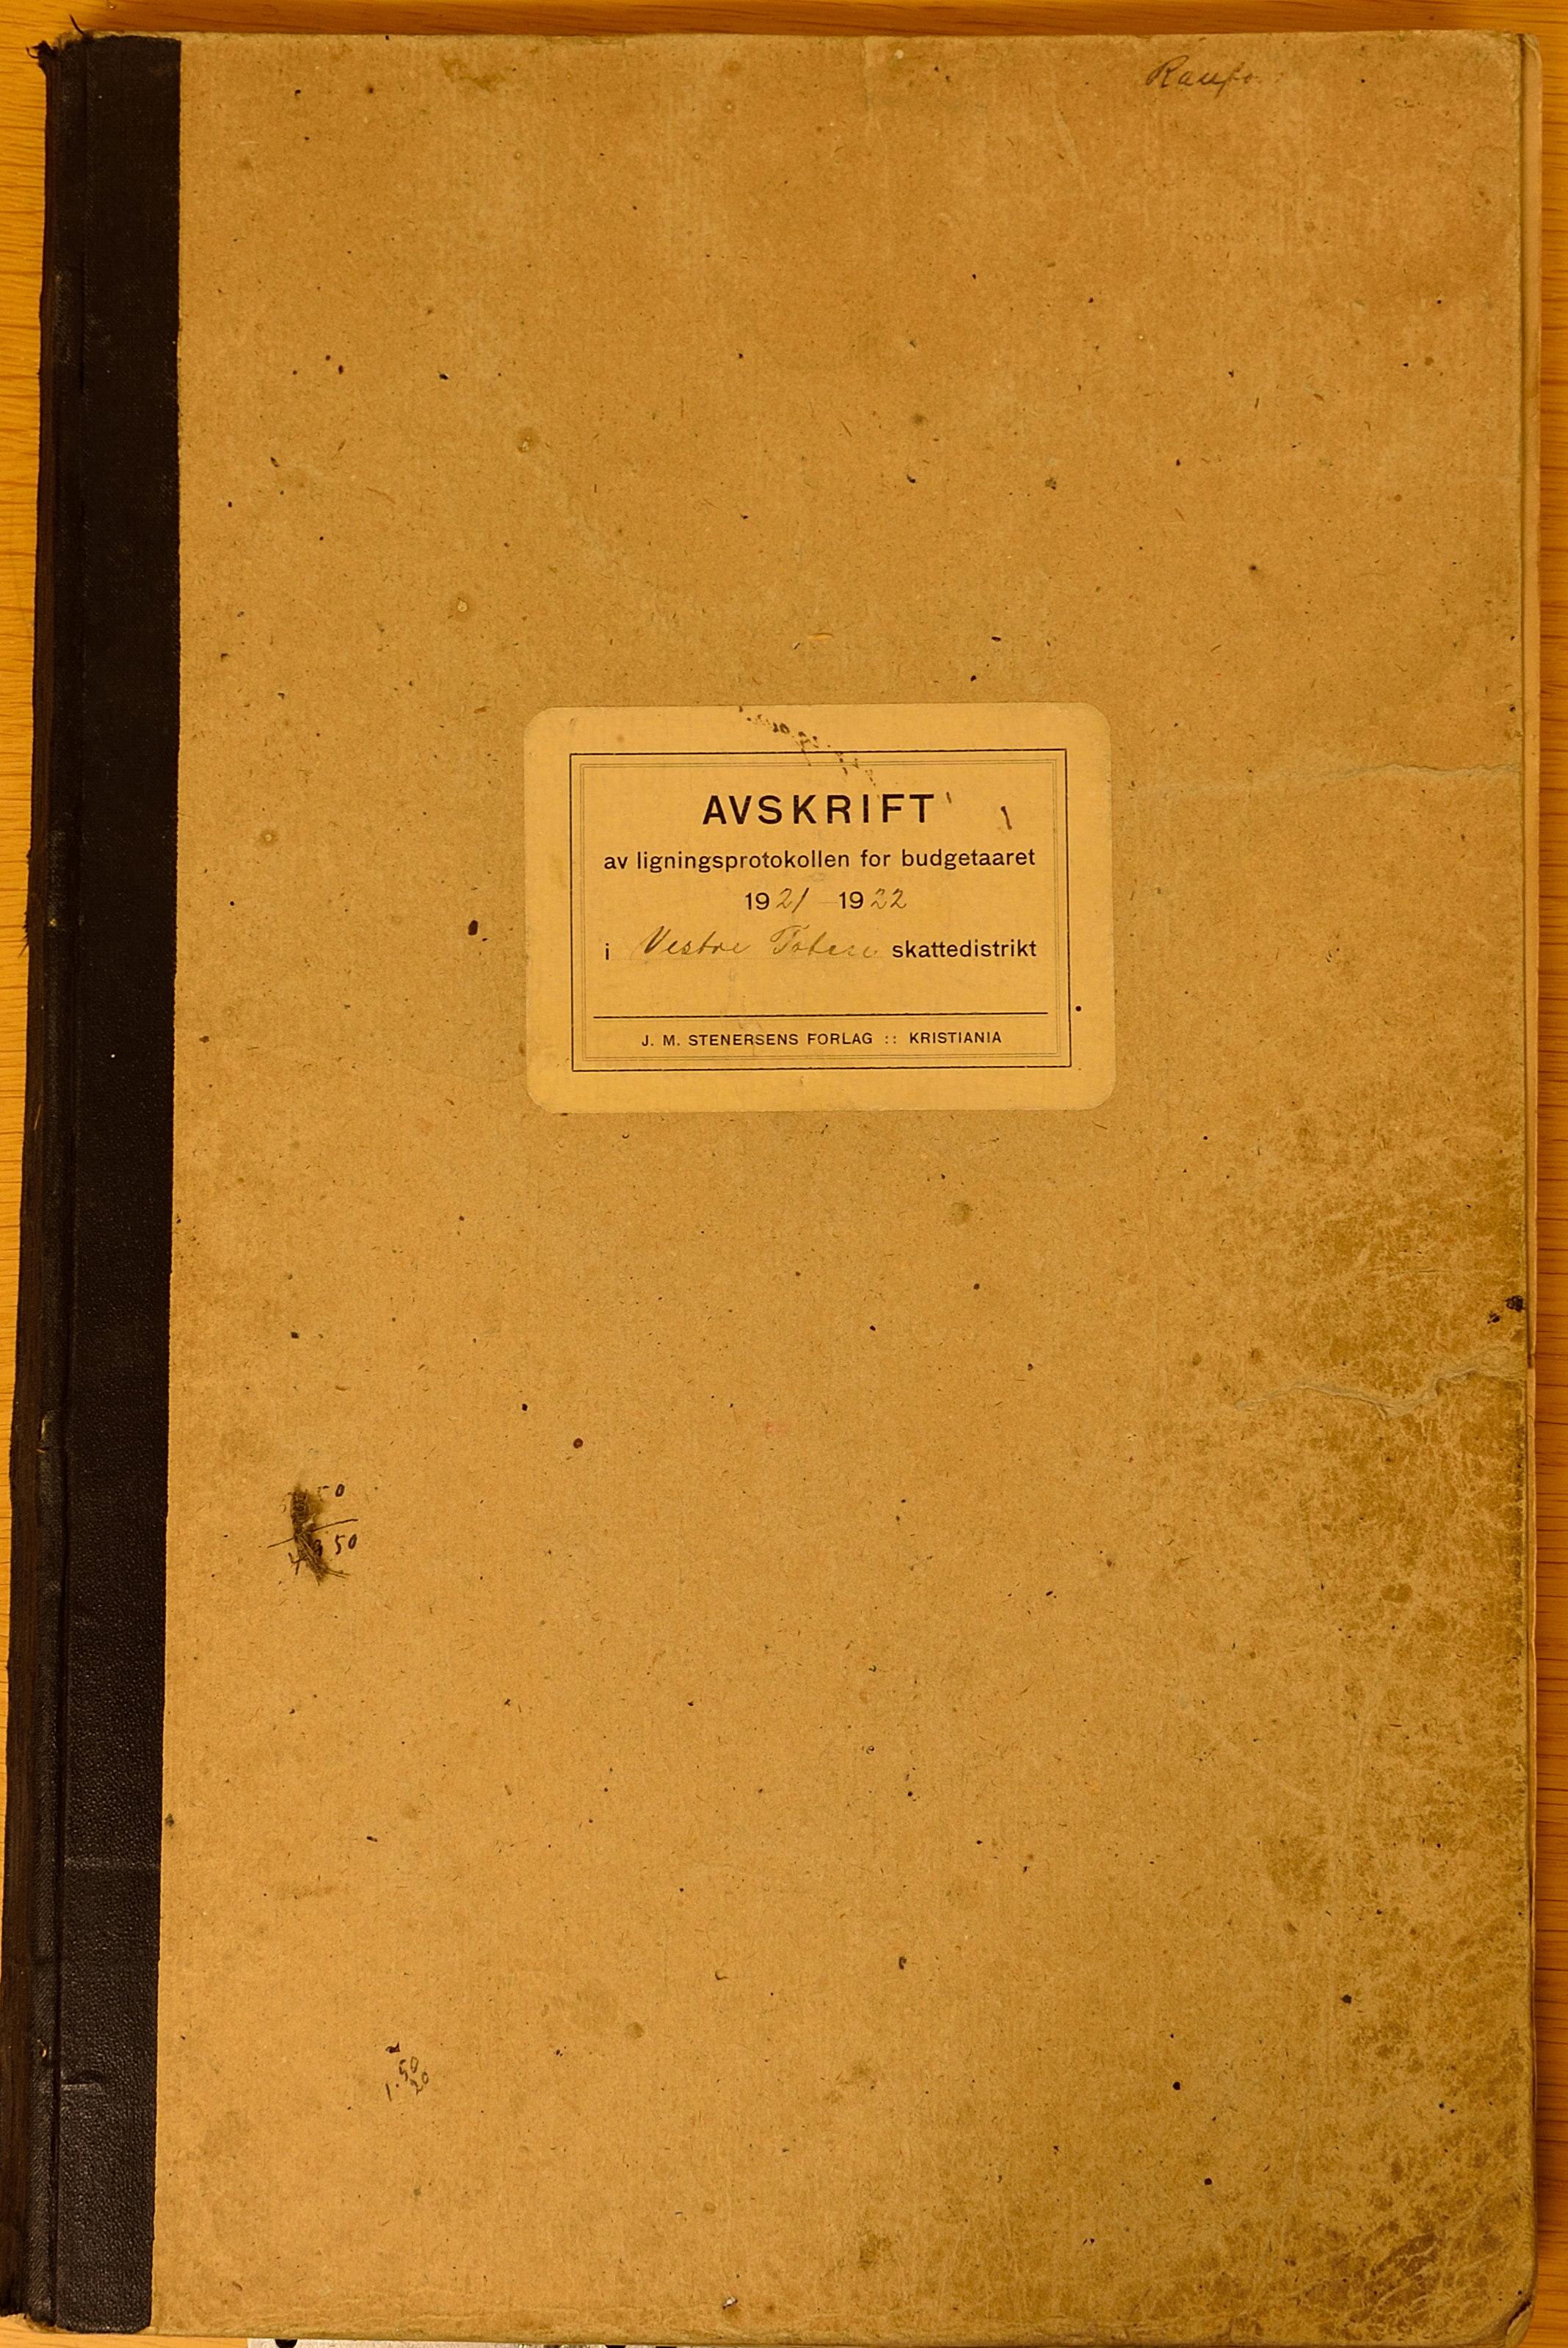 KVT, Vestre Toten kommunearkiv*, -: Avskrift av ligningsprotokollen for budsjettåret 1921-1922 for Vestre Toten skattedistrikt, 1921-1922